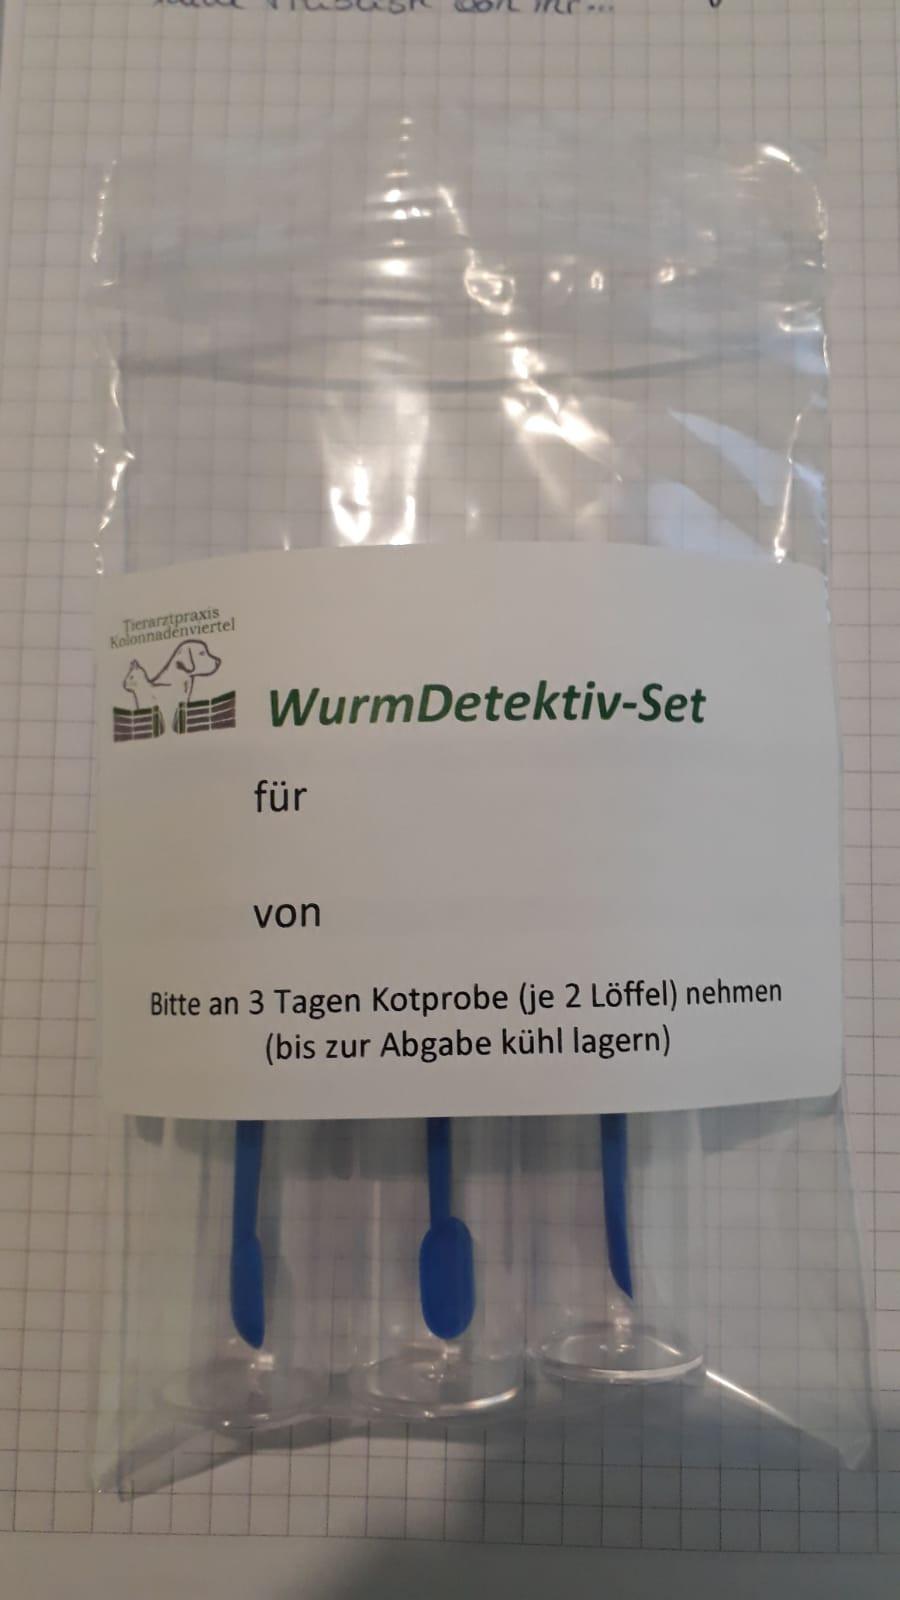 Beprobungsset zum Nachweis von Würmern, Wurmtest für Hunde, Wurmtest Kit zur Kotuntersuchung